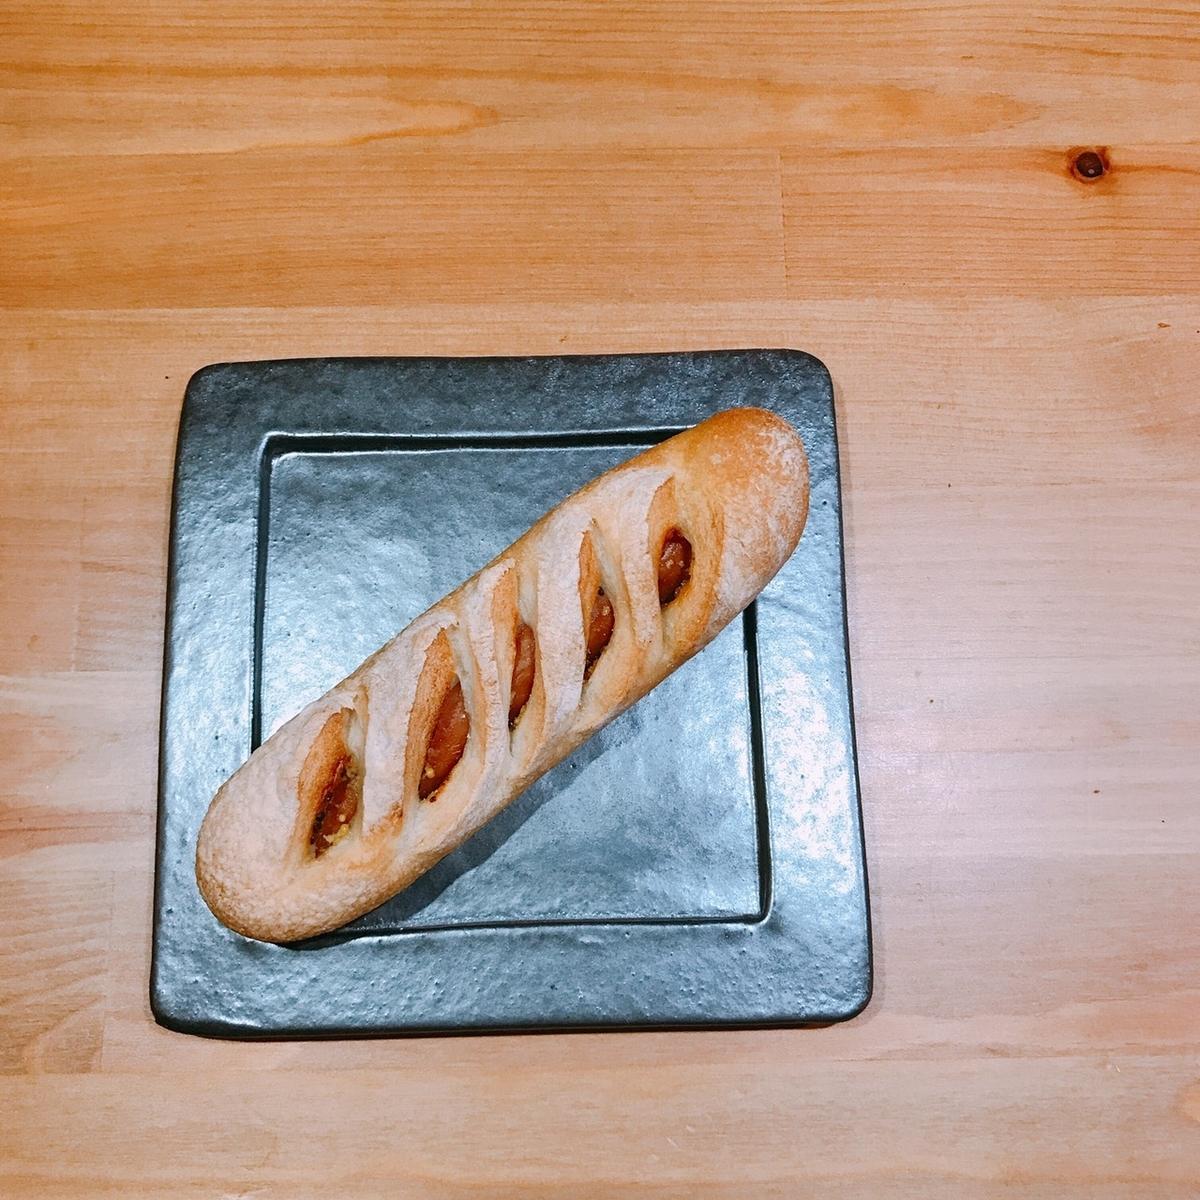 ソーセージパンの写真